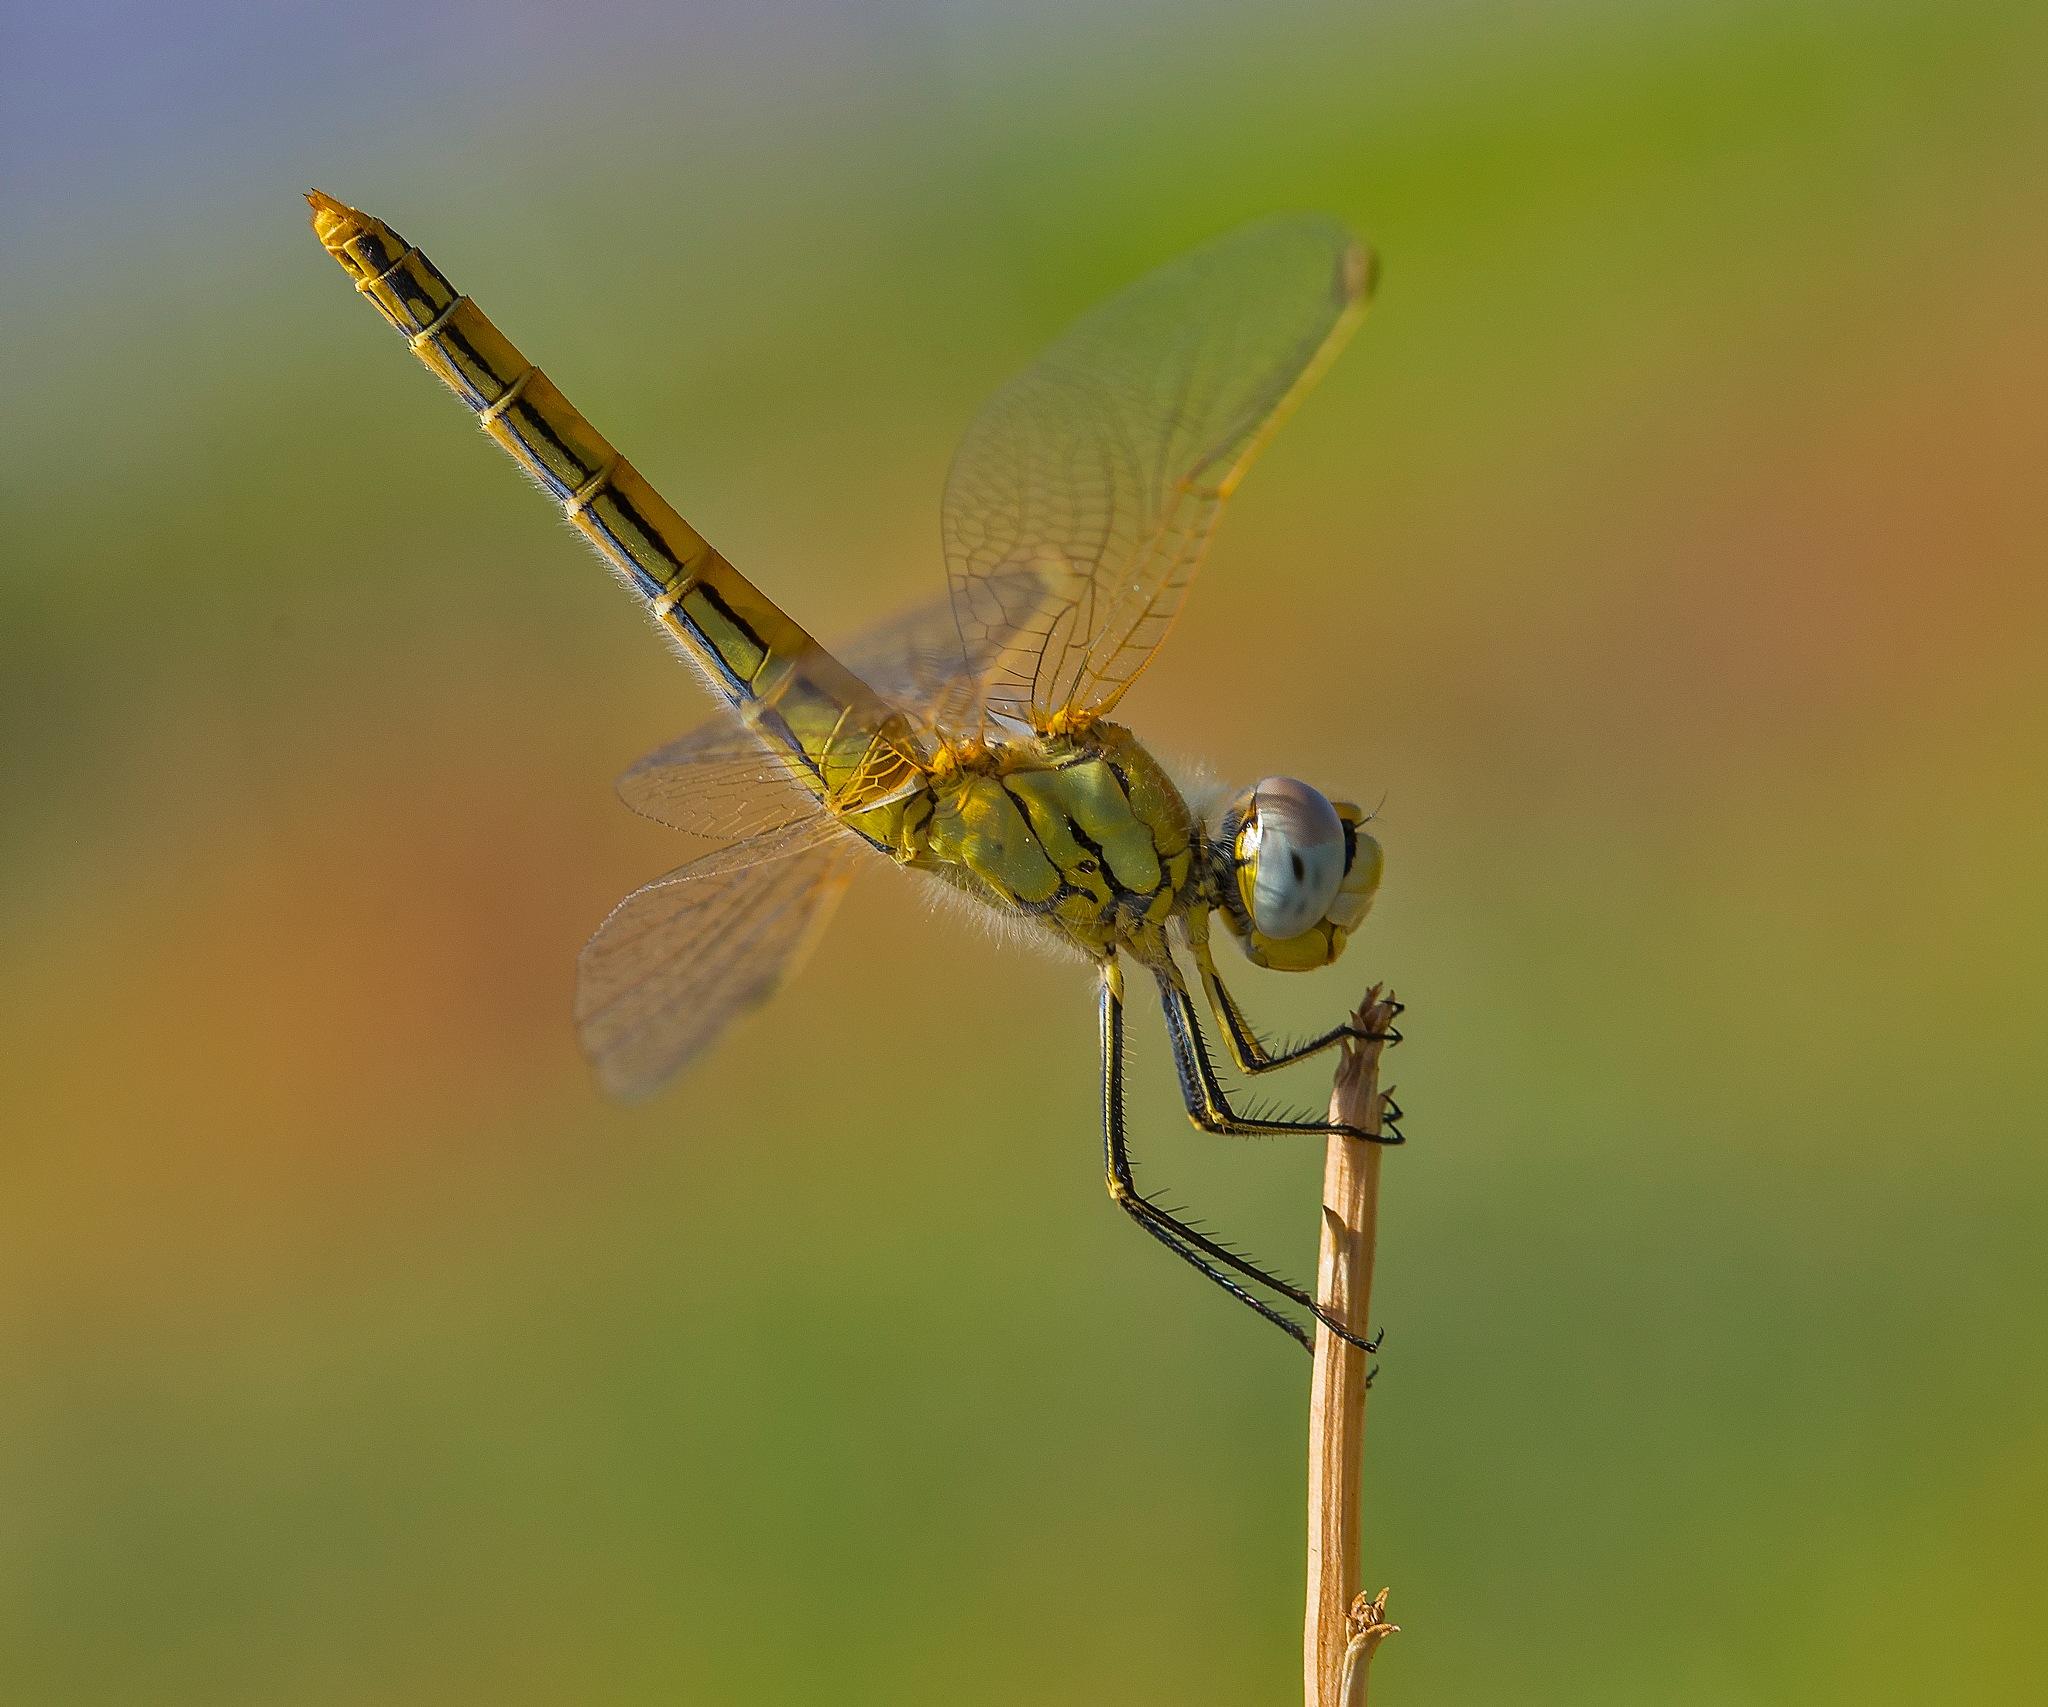 Dragonfly by malekjmd10